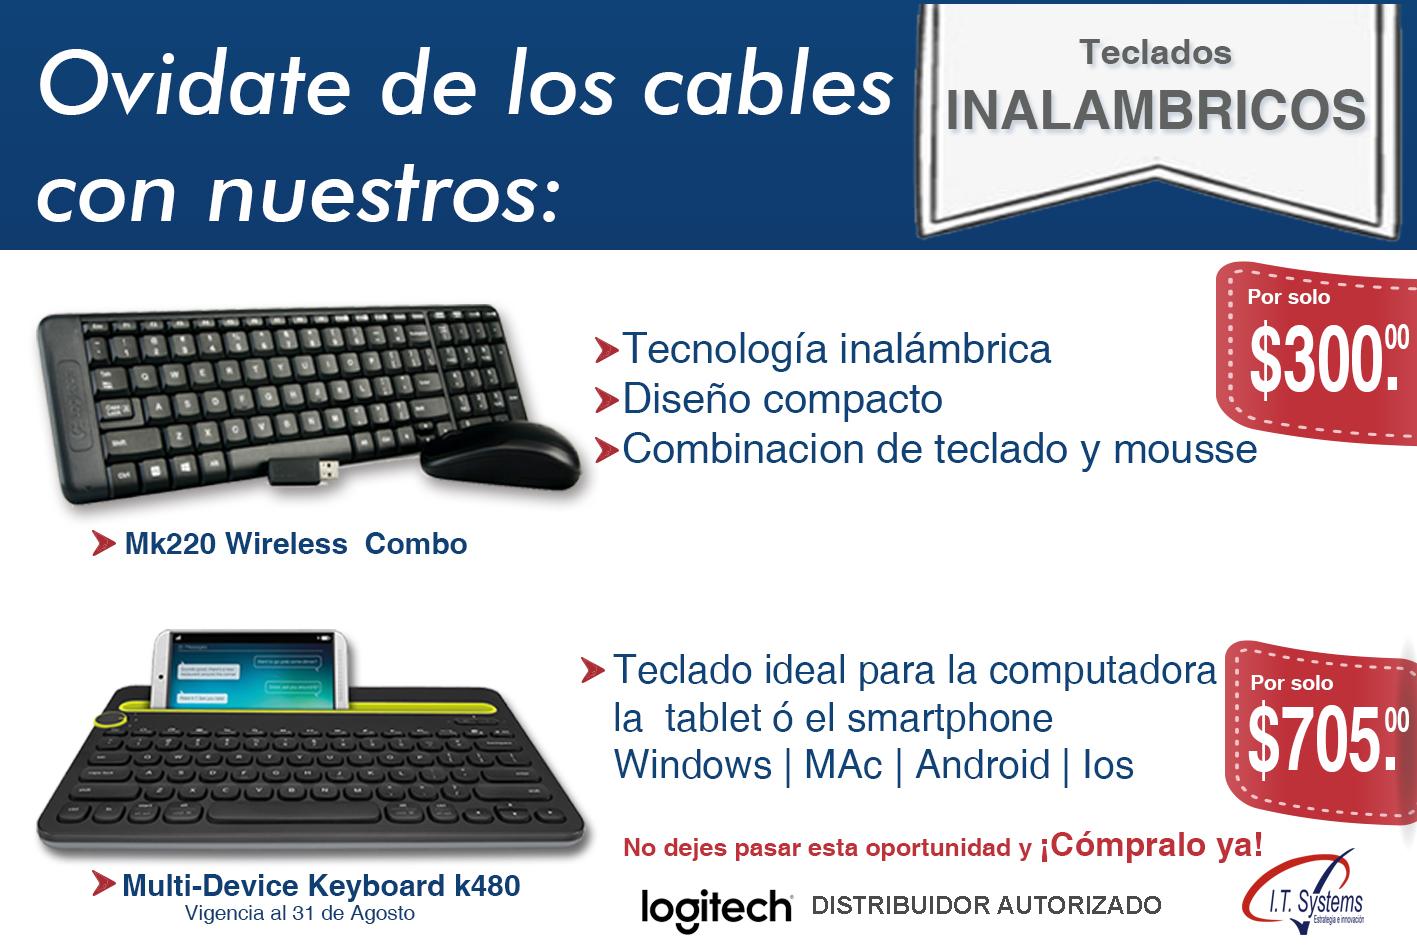 teclados inalambricos